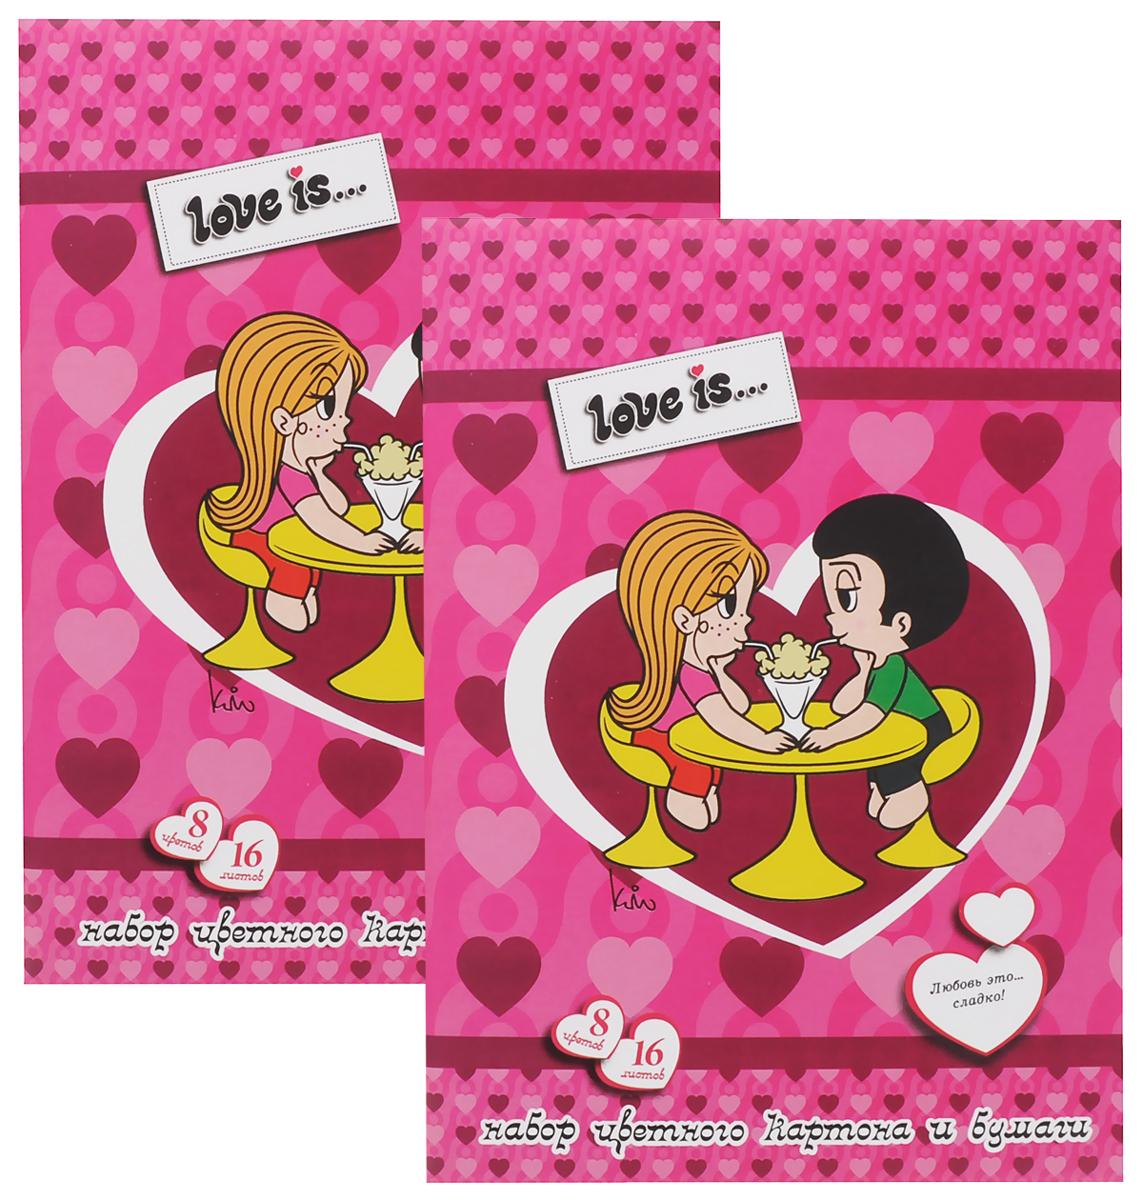 Action! Набор цветного картона и бумаги Love is... 16 листов 2 шт цвет розовый action набор цветного картона strawberry shortcake 16 листов